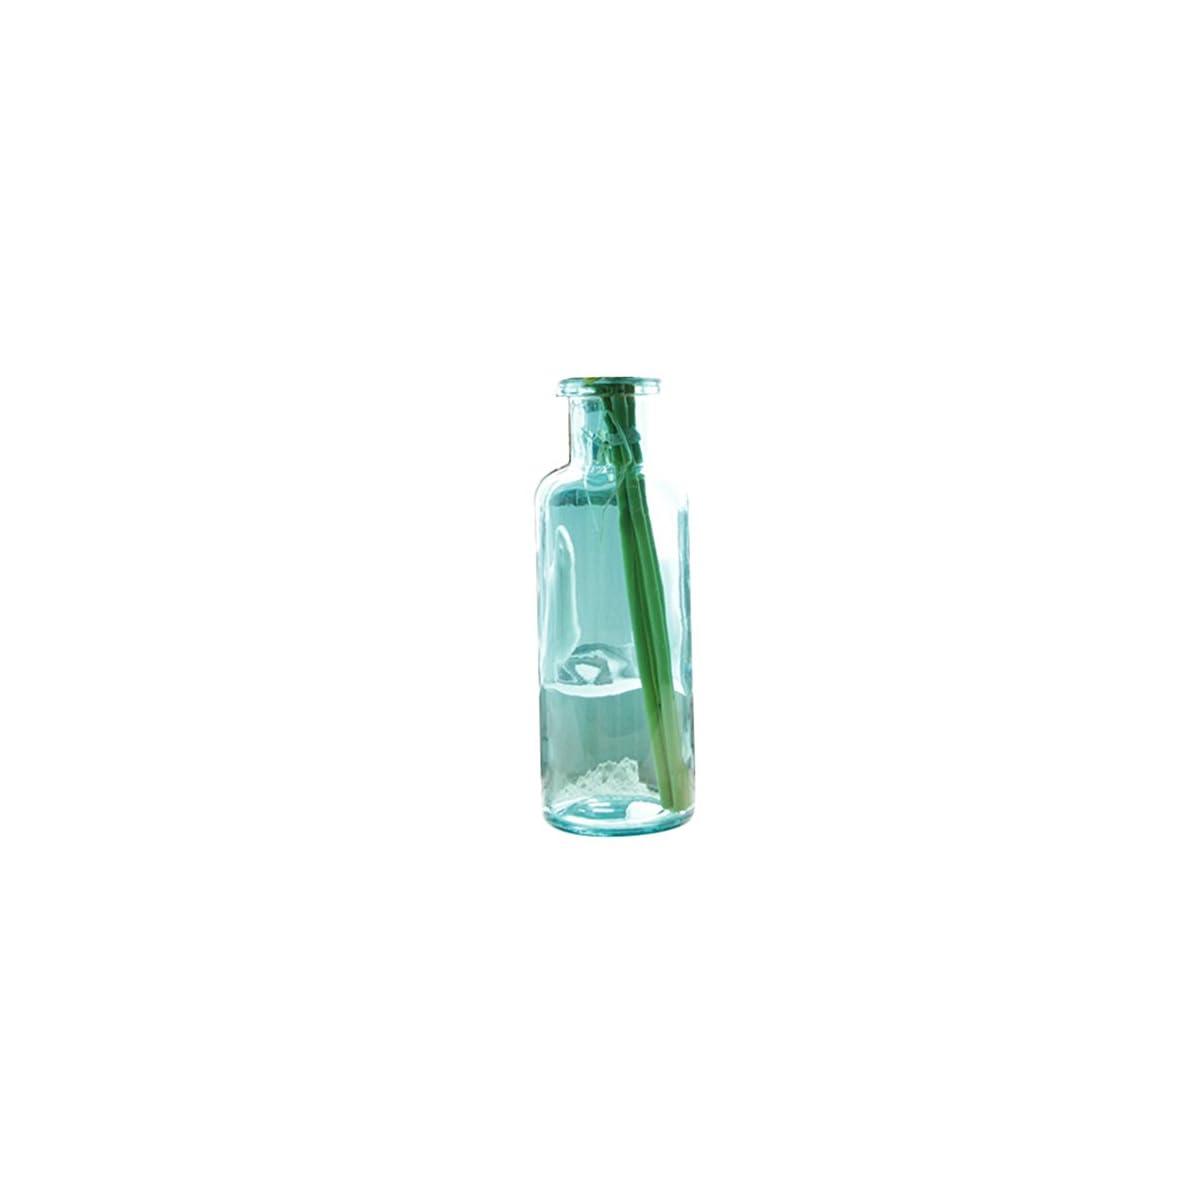 41beCbmbJwL. SS1200  - Outflower 1PC Azul Jarrón de Vidrio de Color Jarrón de Vidrio cilíndrico Florero de Vidrio Transparente Decoración del hogar Floreros,22 * 7.5cm